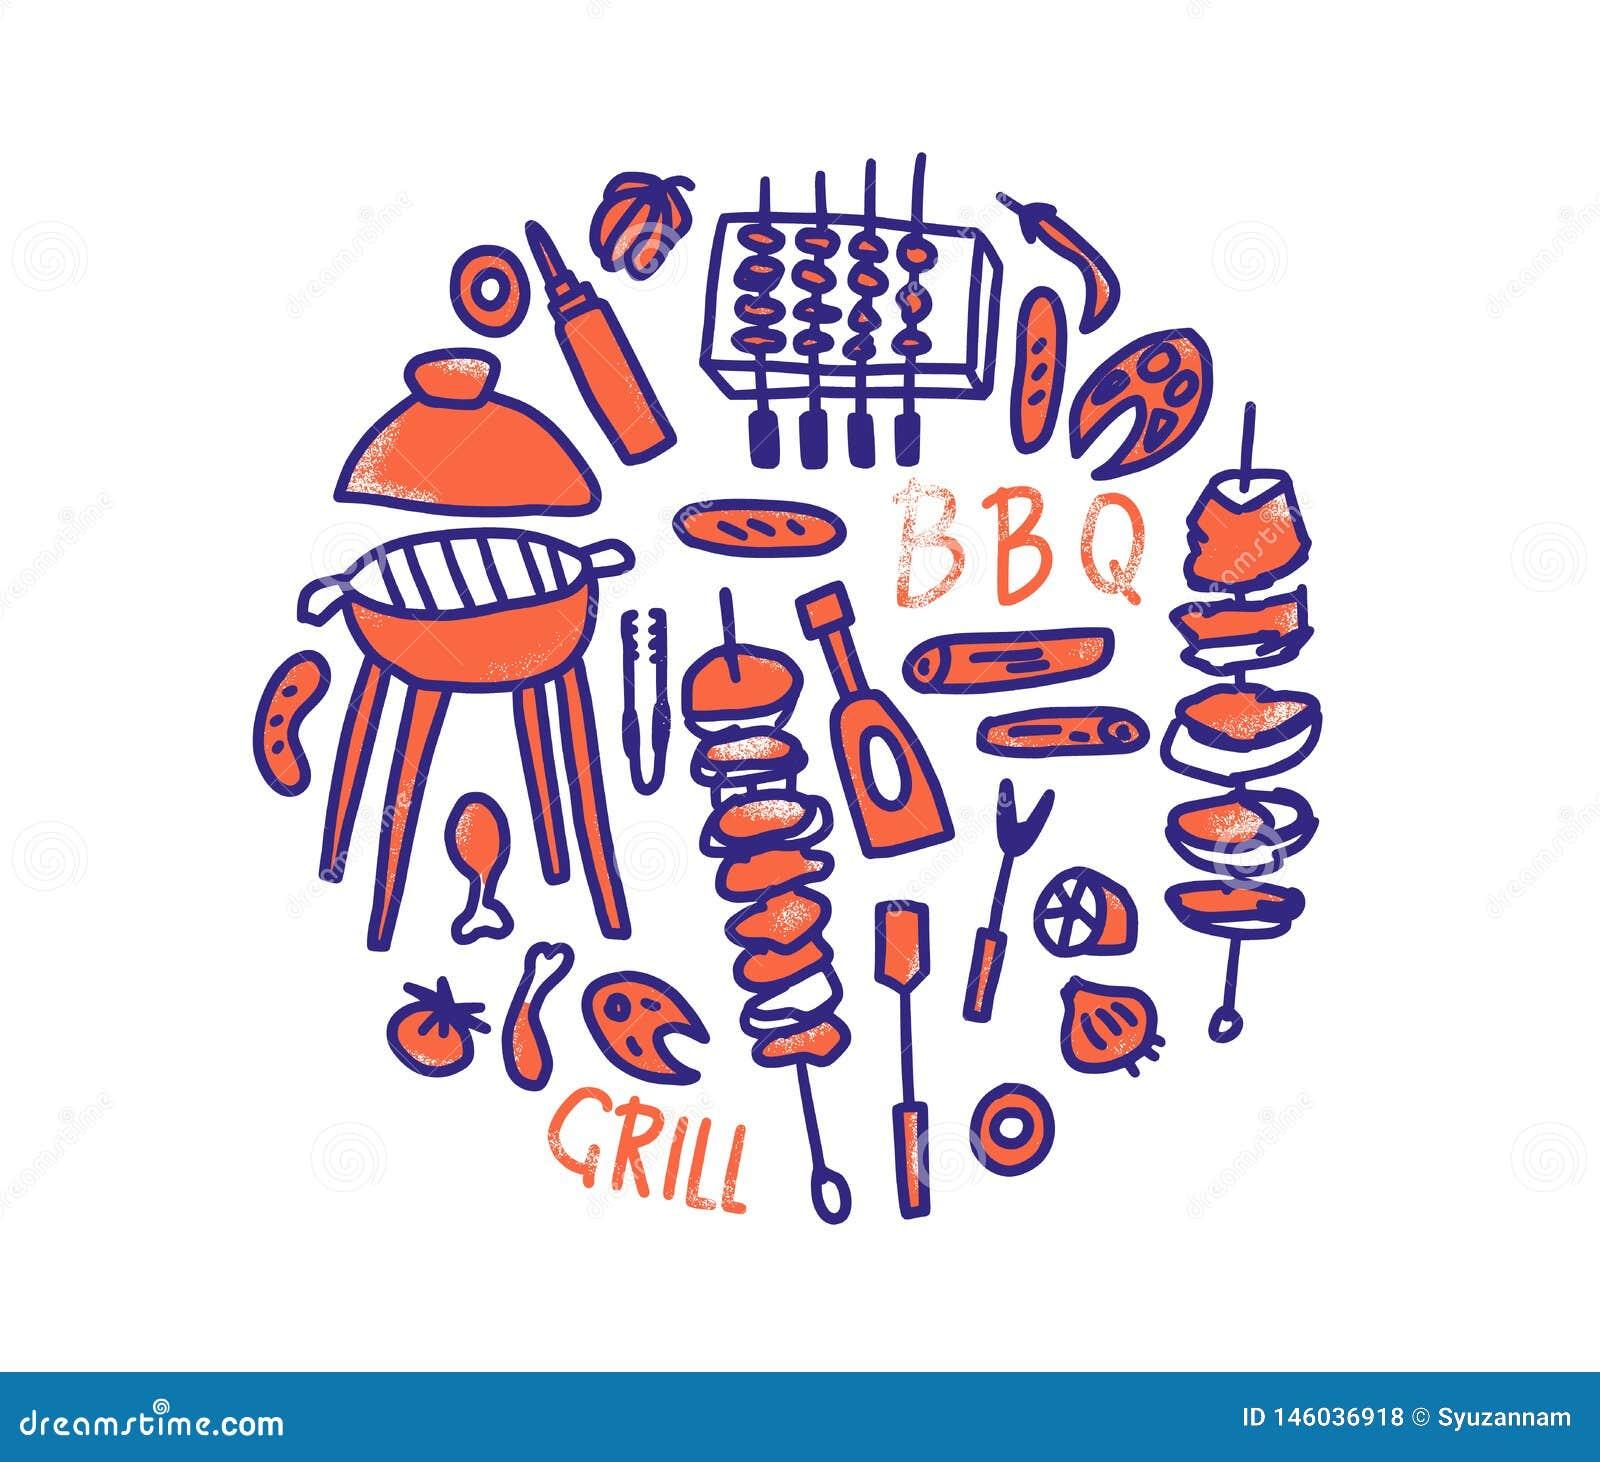 Composition en barbecue avec le texte Conception de vecteur